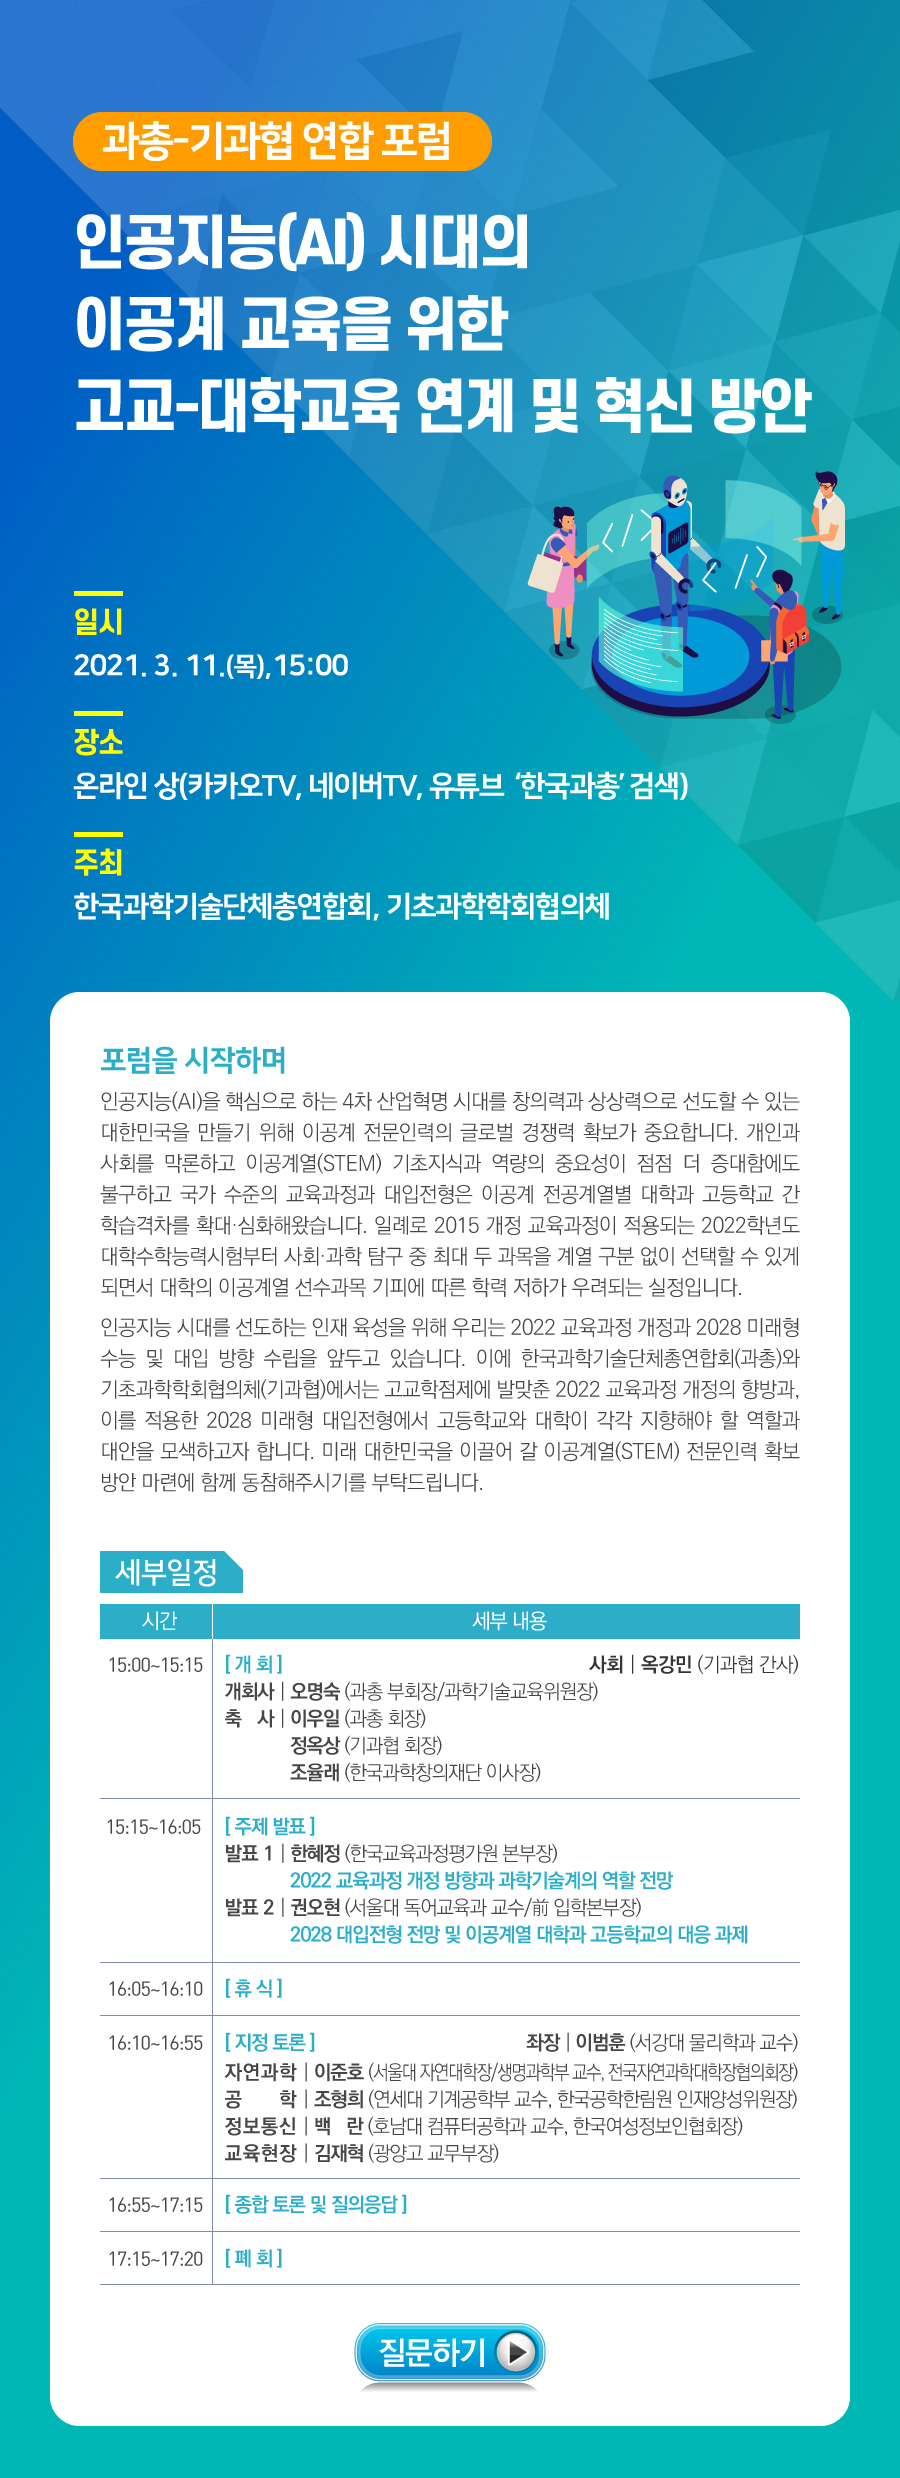 교육정책포럼(3월11일)_초대장.jpg